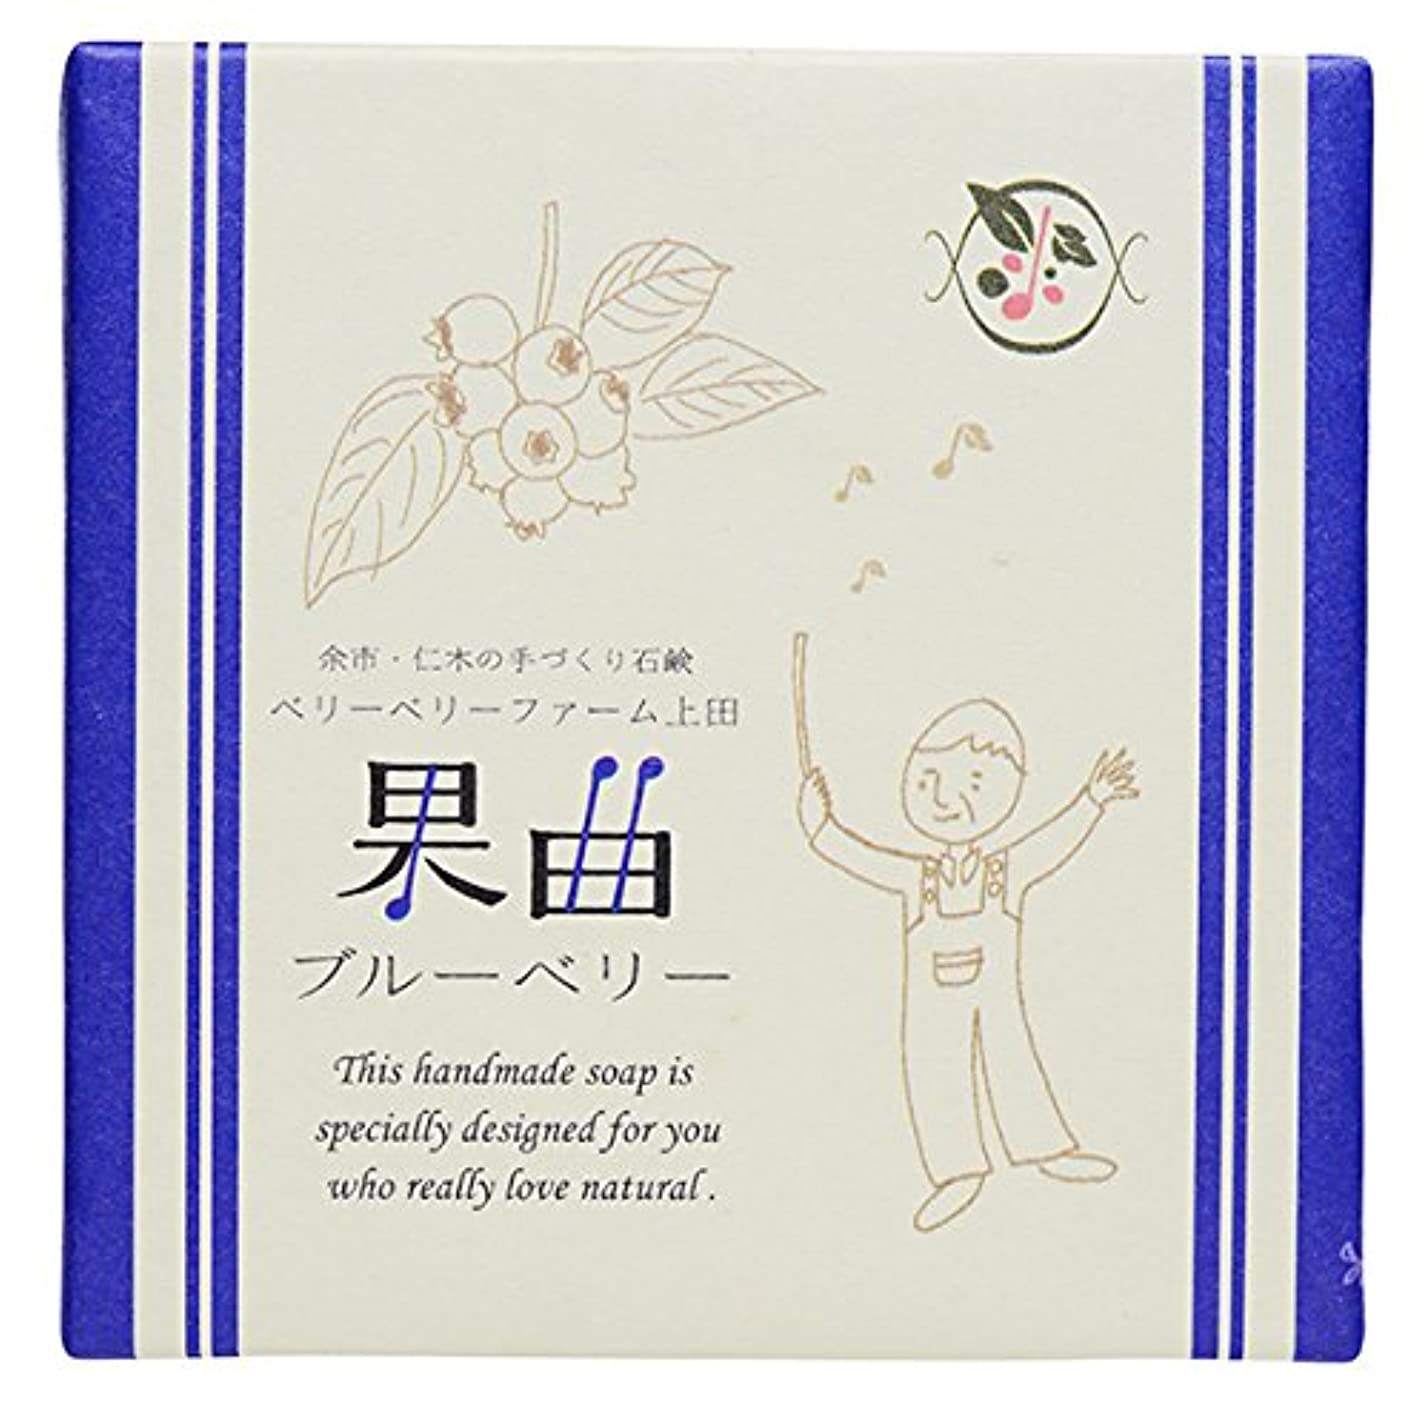 余市町仁木のベリーベリーファーム上田との共同開発 果曲(ブルーベリー)純練り石鹸